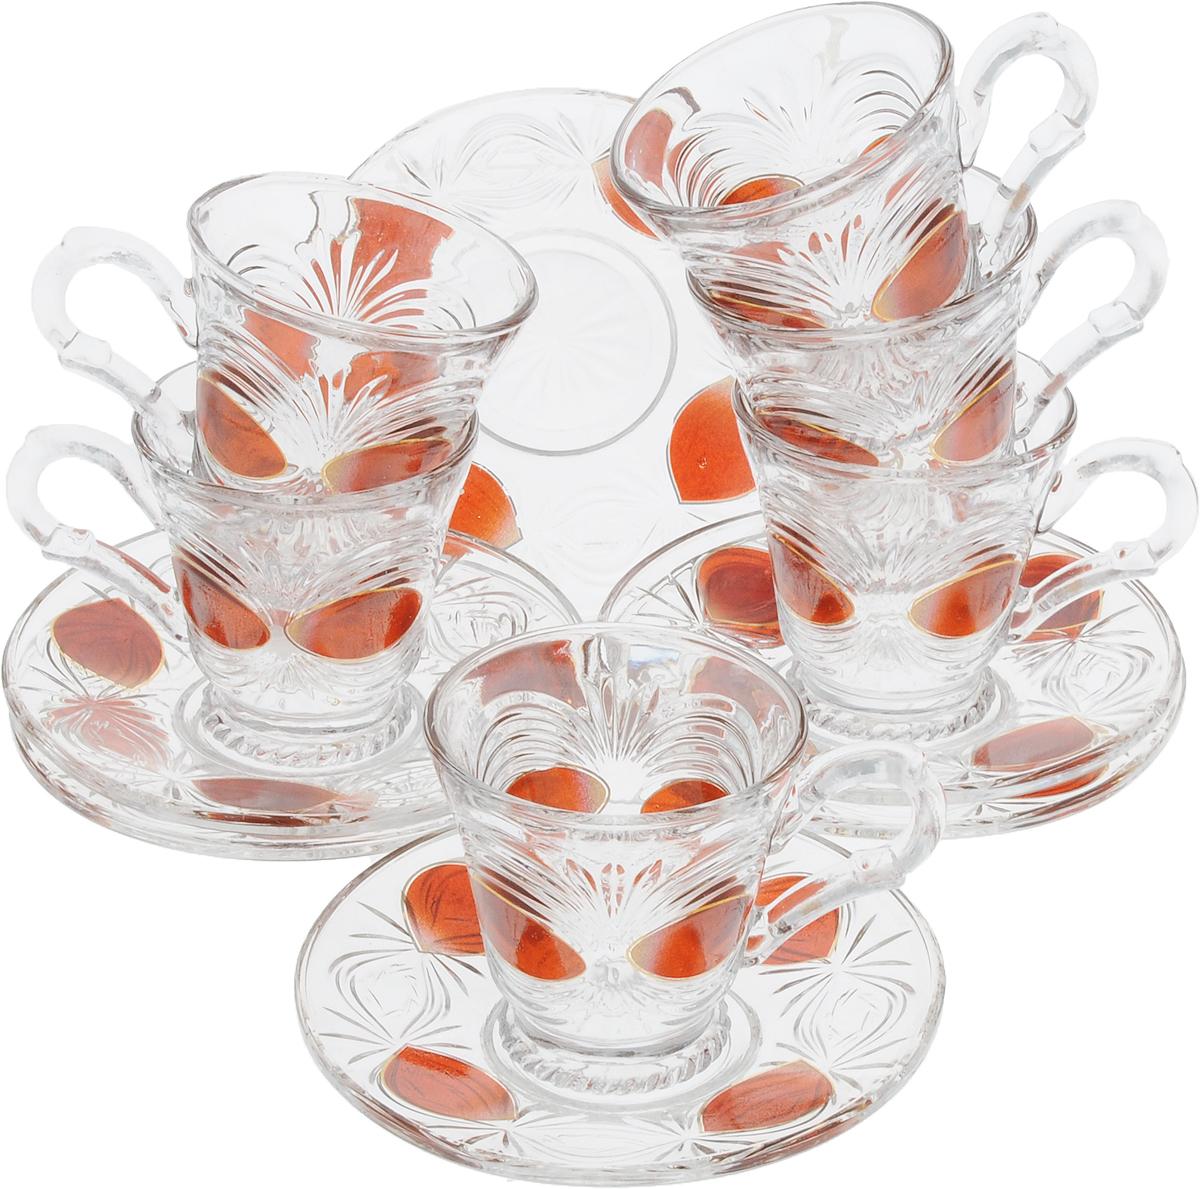 Набор чайный Loraine, 12 предметов. 29932993Чайный набор Loraine состоит из шести чашек и шести блюдец. Изделия выполнены из высококачественного стекла и оформлены изящным орнаментом. Такой набор прекрасно дополнит сервировку стола к чаепитию. Благодаря изысканному дизайну и качеству исполнения, он станет замечательным подарком для ваших друзей и близких. Объем чашки: 100 мл. Диаметр чашки по верхнему краю: 7 см. Высота чашки: 7 см. Диаметр блюдца: 12,5 см.